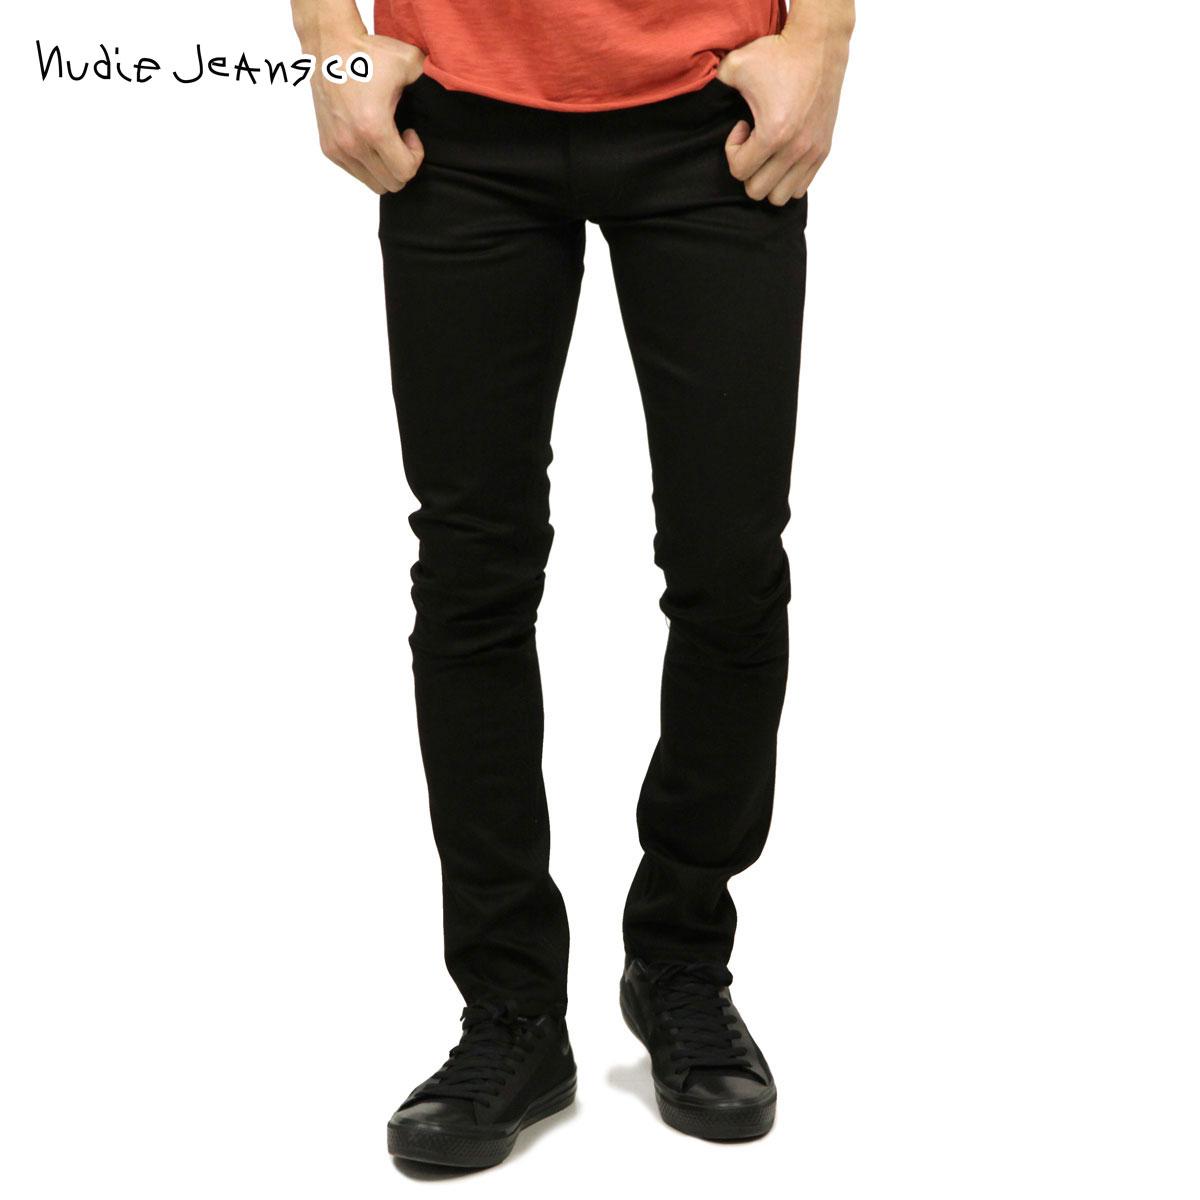 d07d3392f19 Nudie jeans Nudie Jeans regular store men jeans Lean Dean 470 Dry Cold Black  111821 D00S20 ...